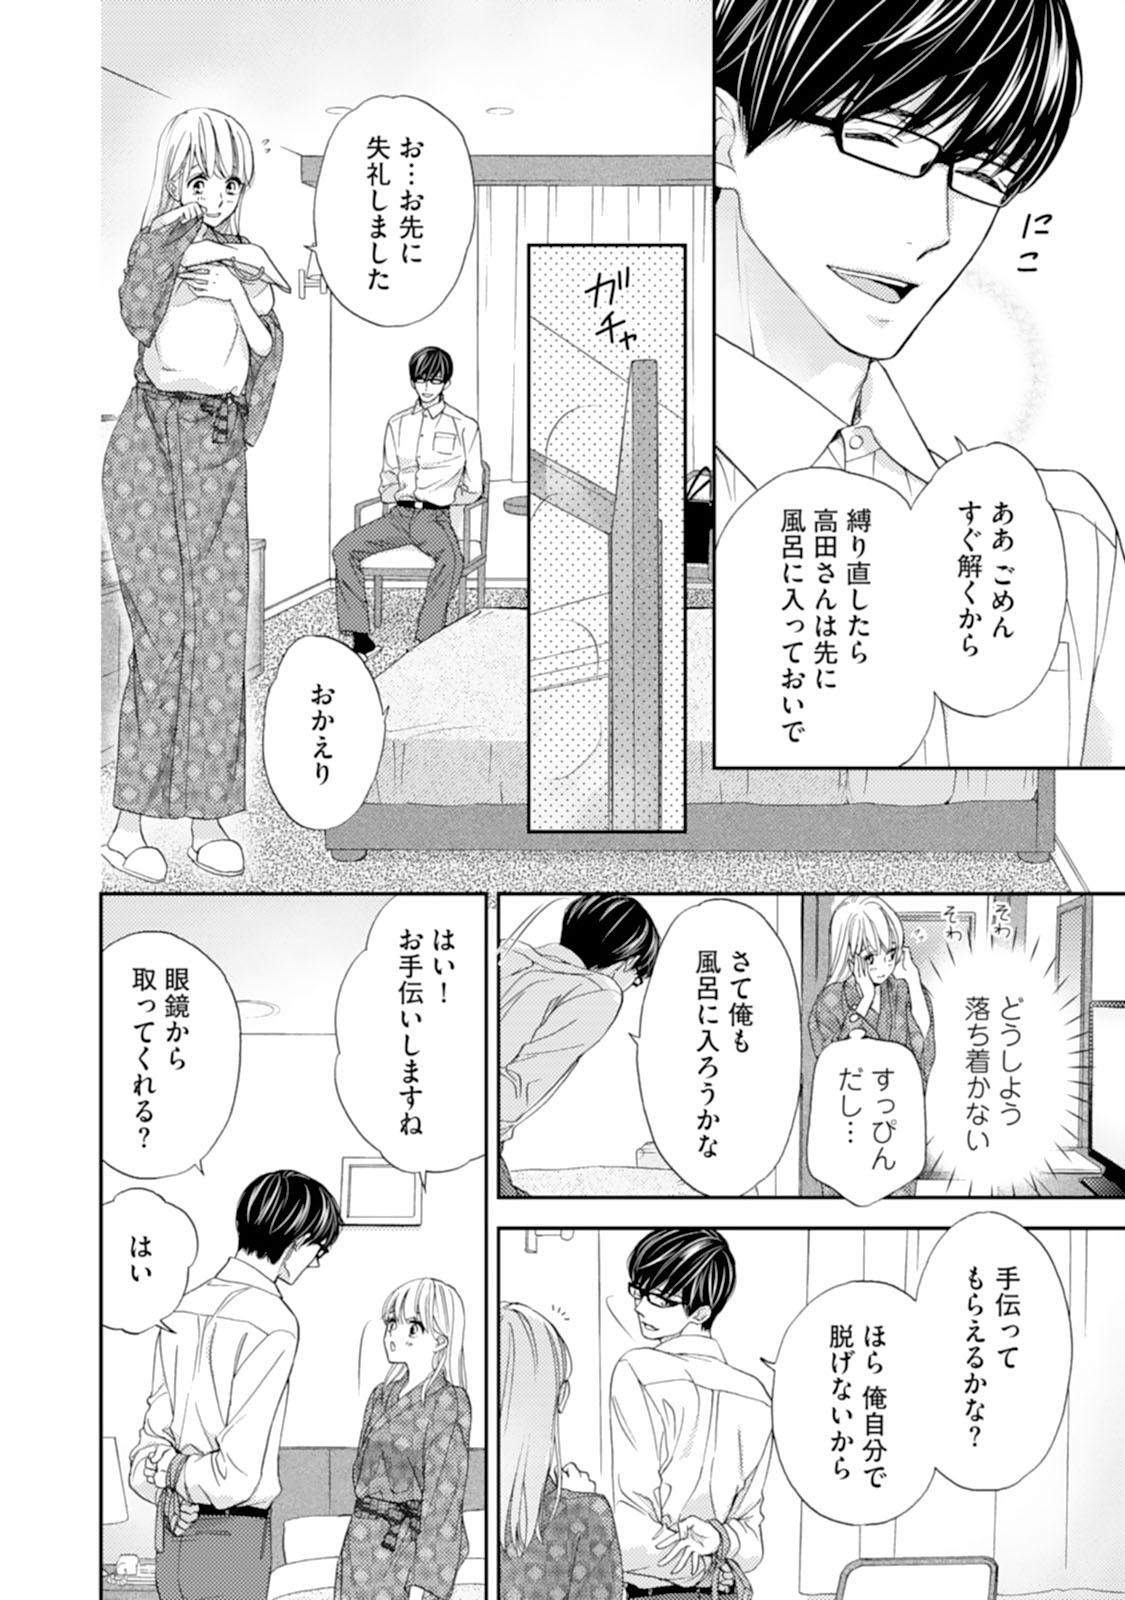 [Adumi Yuu] Choukyou-kei Danshi Ookami-sama to Koneko-chan Ch. 1-3 17